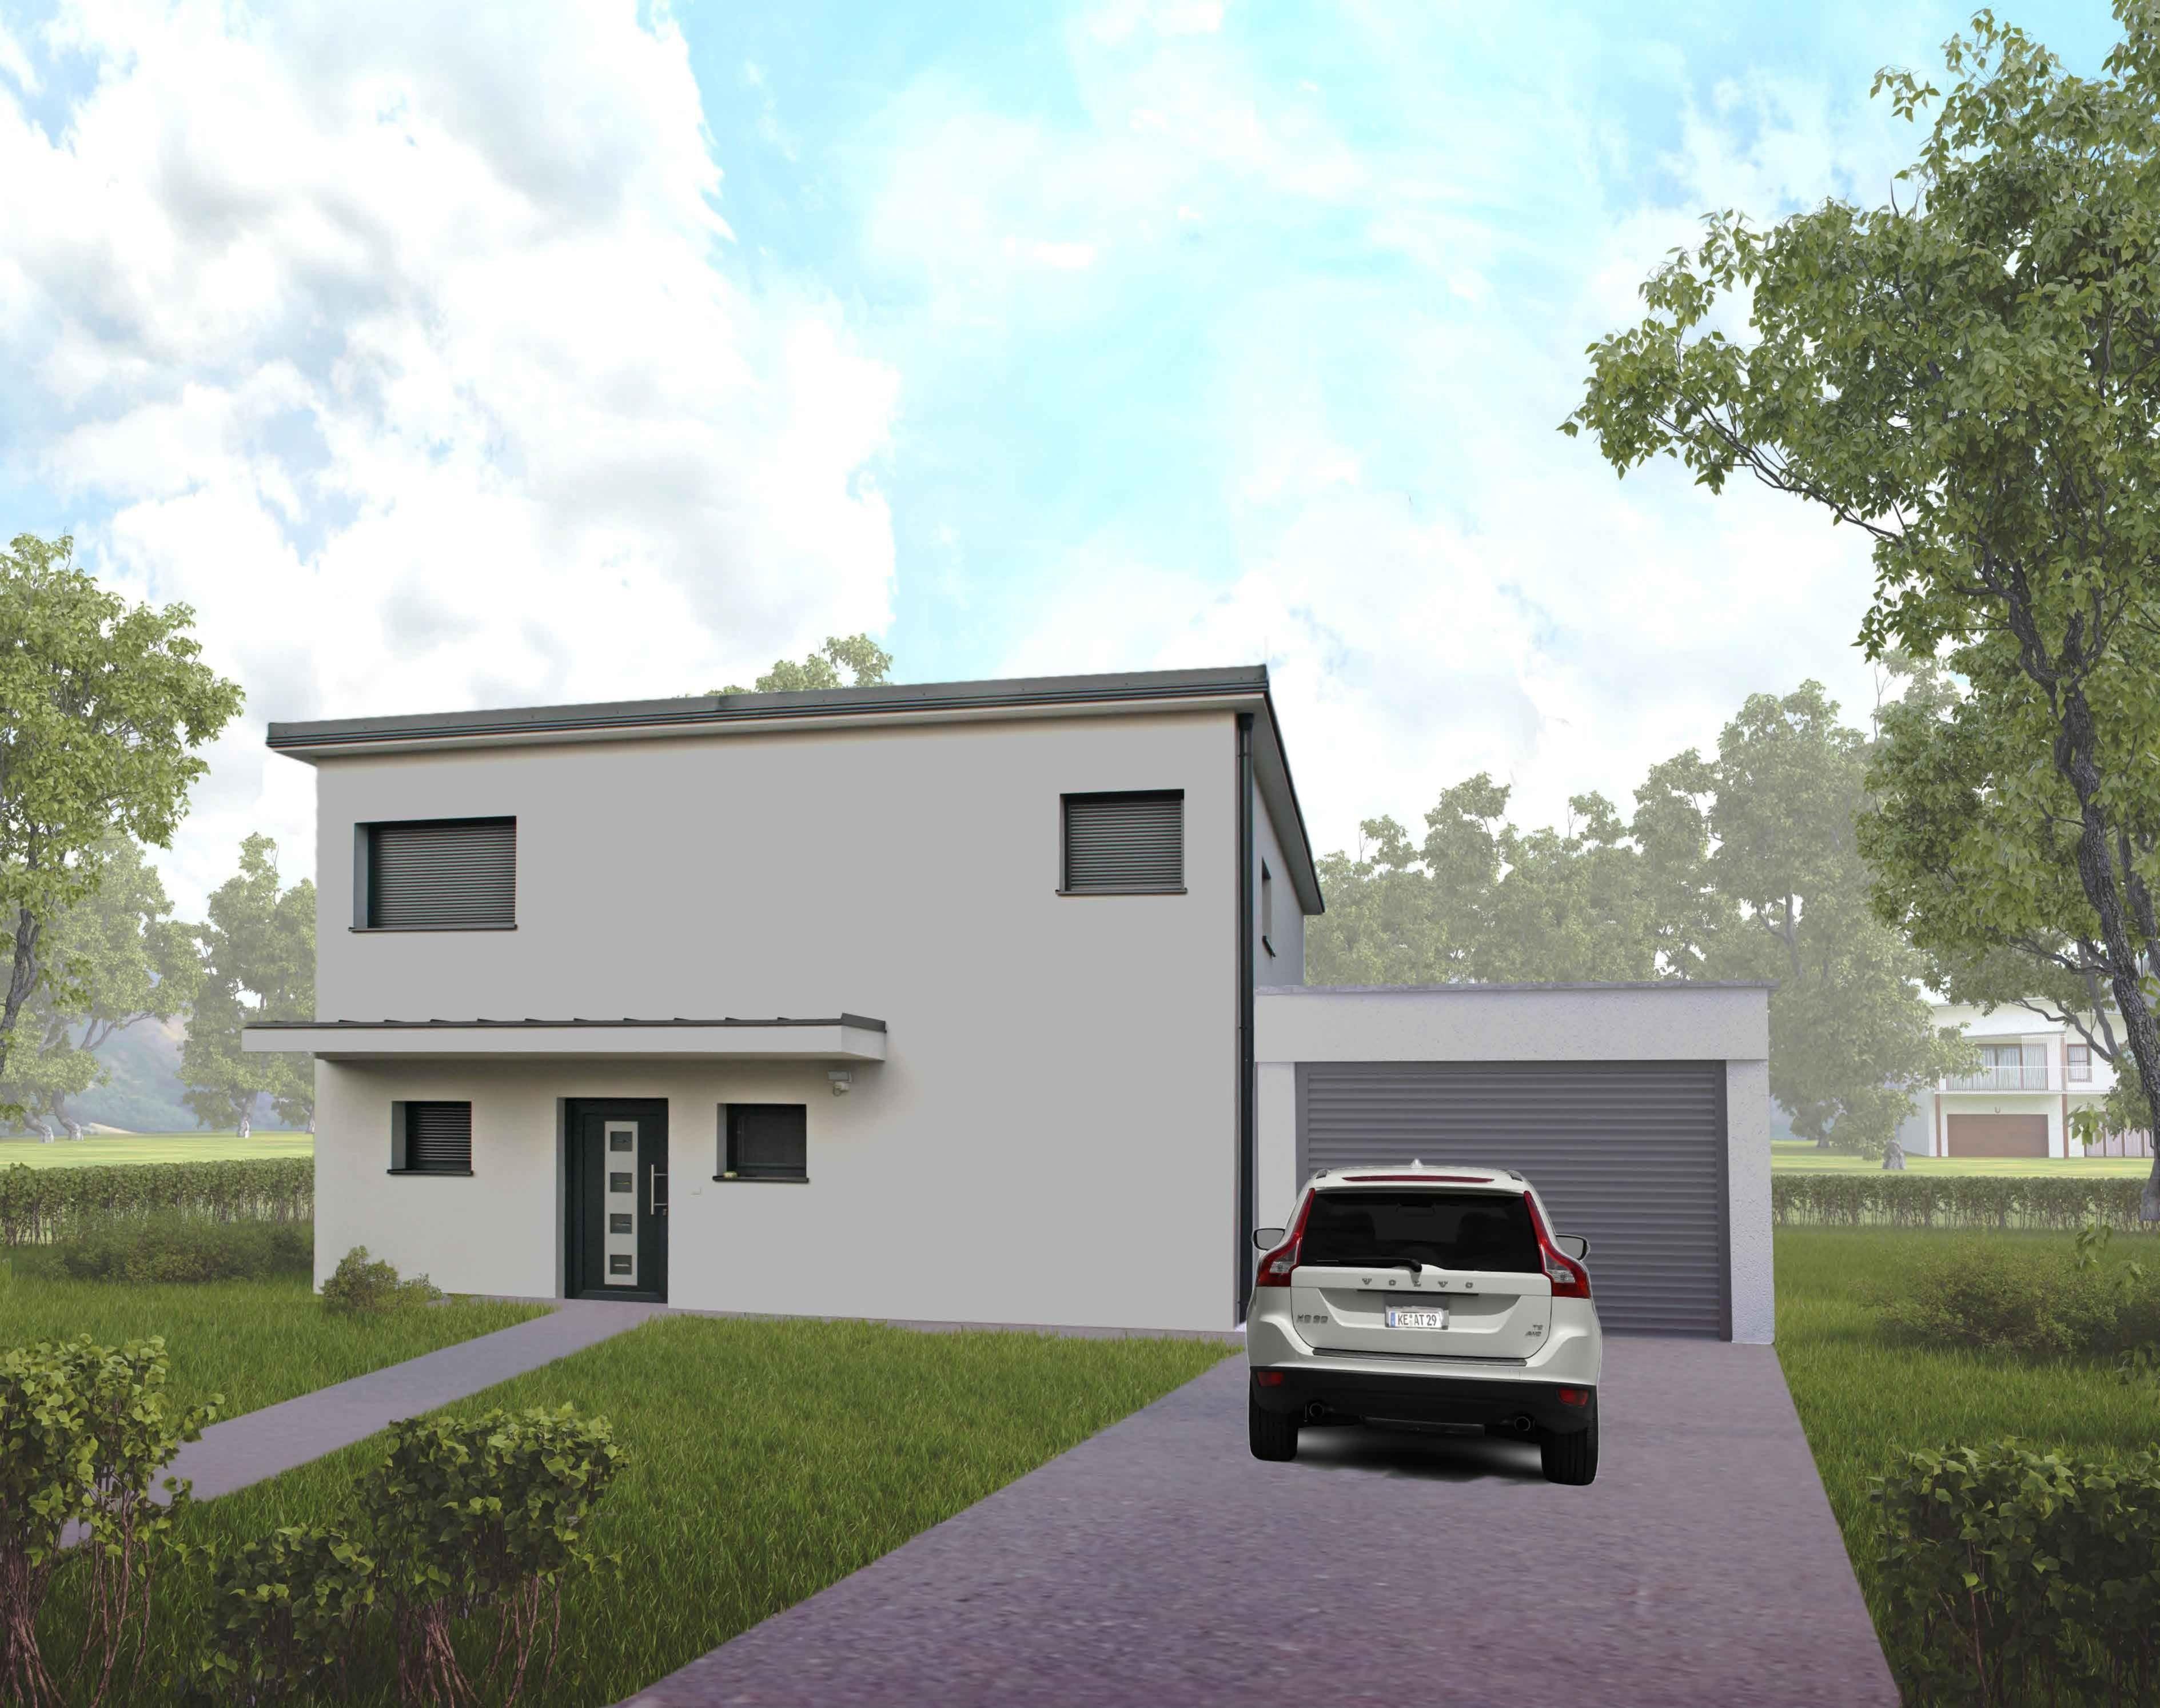 Modernes bungalow innenarchitektur wohnzimmer villa bauen in niederufsterreich u das modell exklusiv